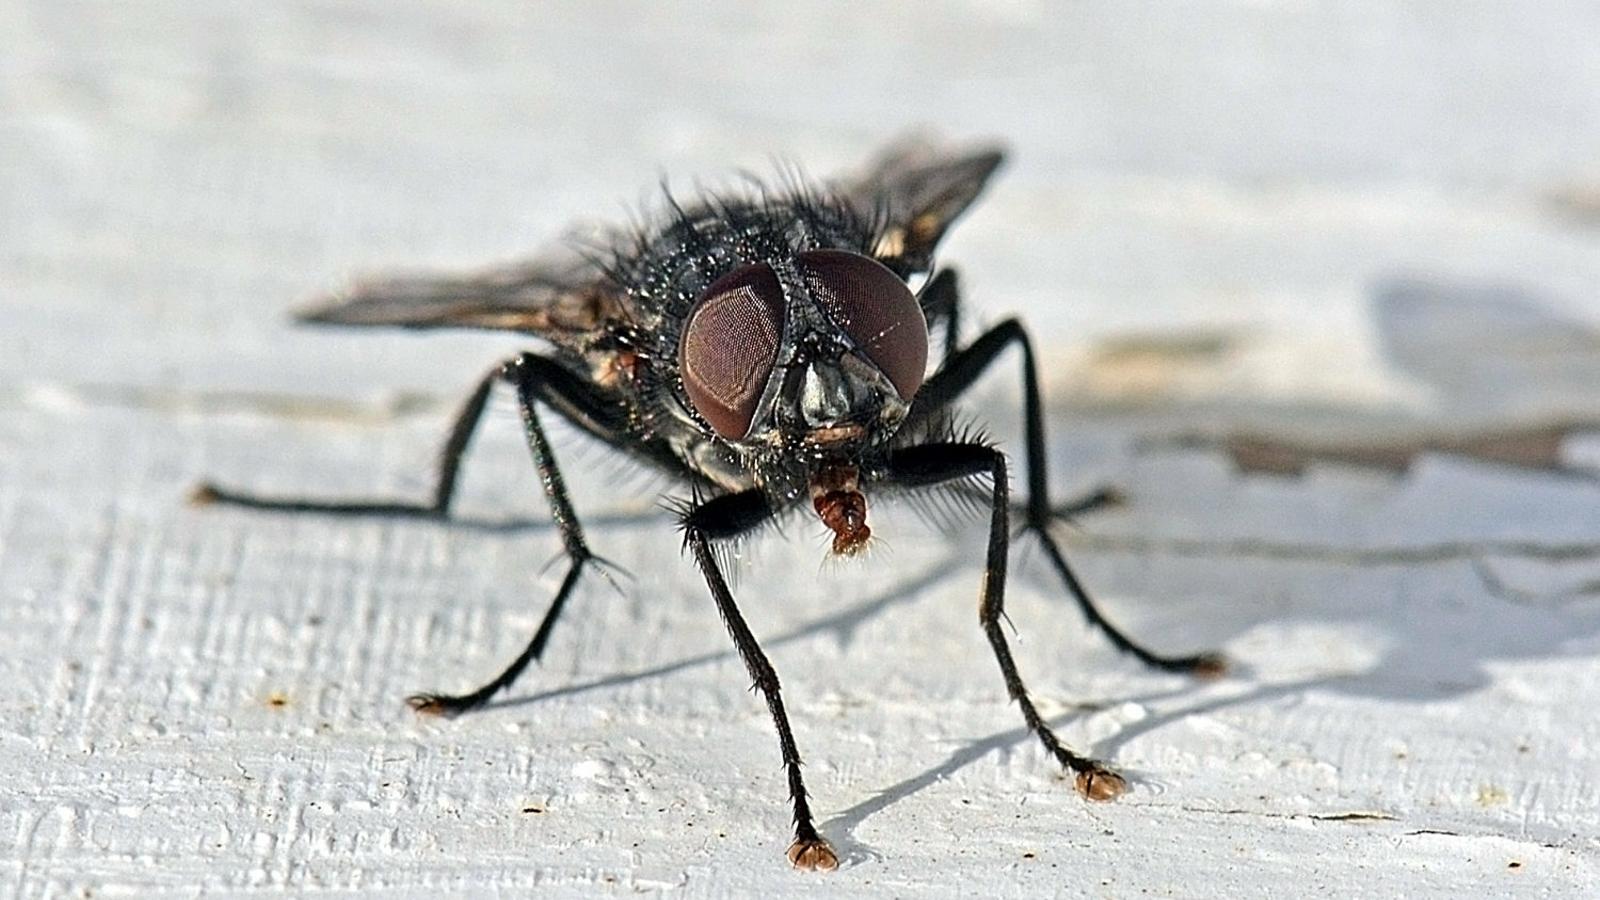 Un exemplar de mosca negra, com la que està proliferant en alguns rius, entre els quals hi ha l'Ebre.